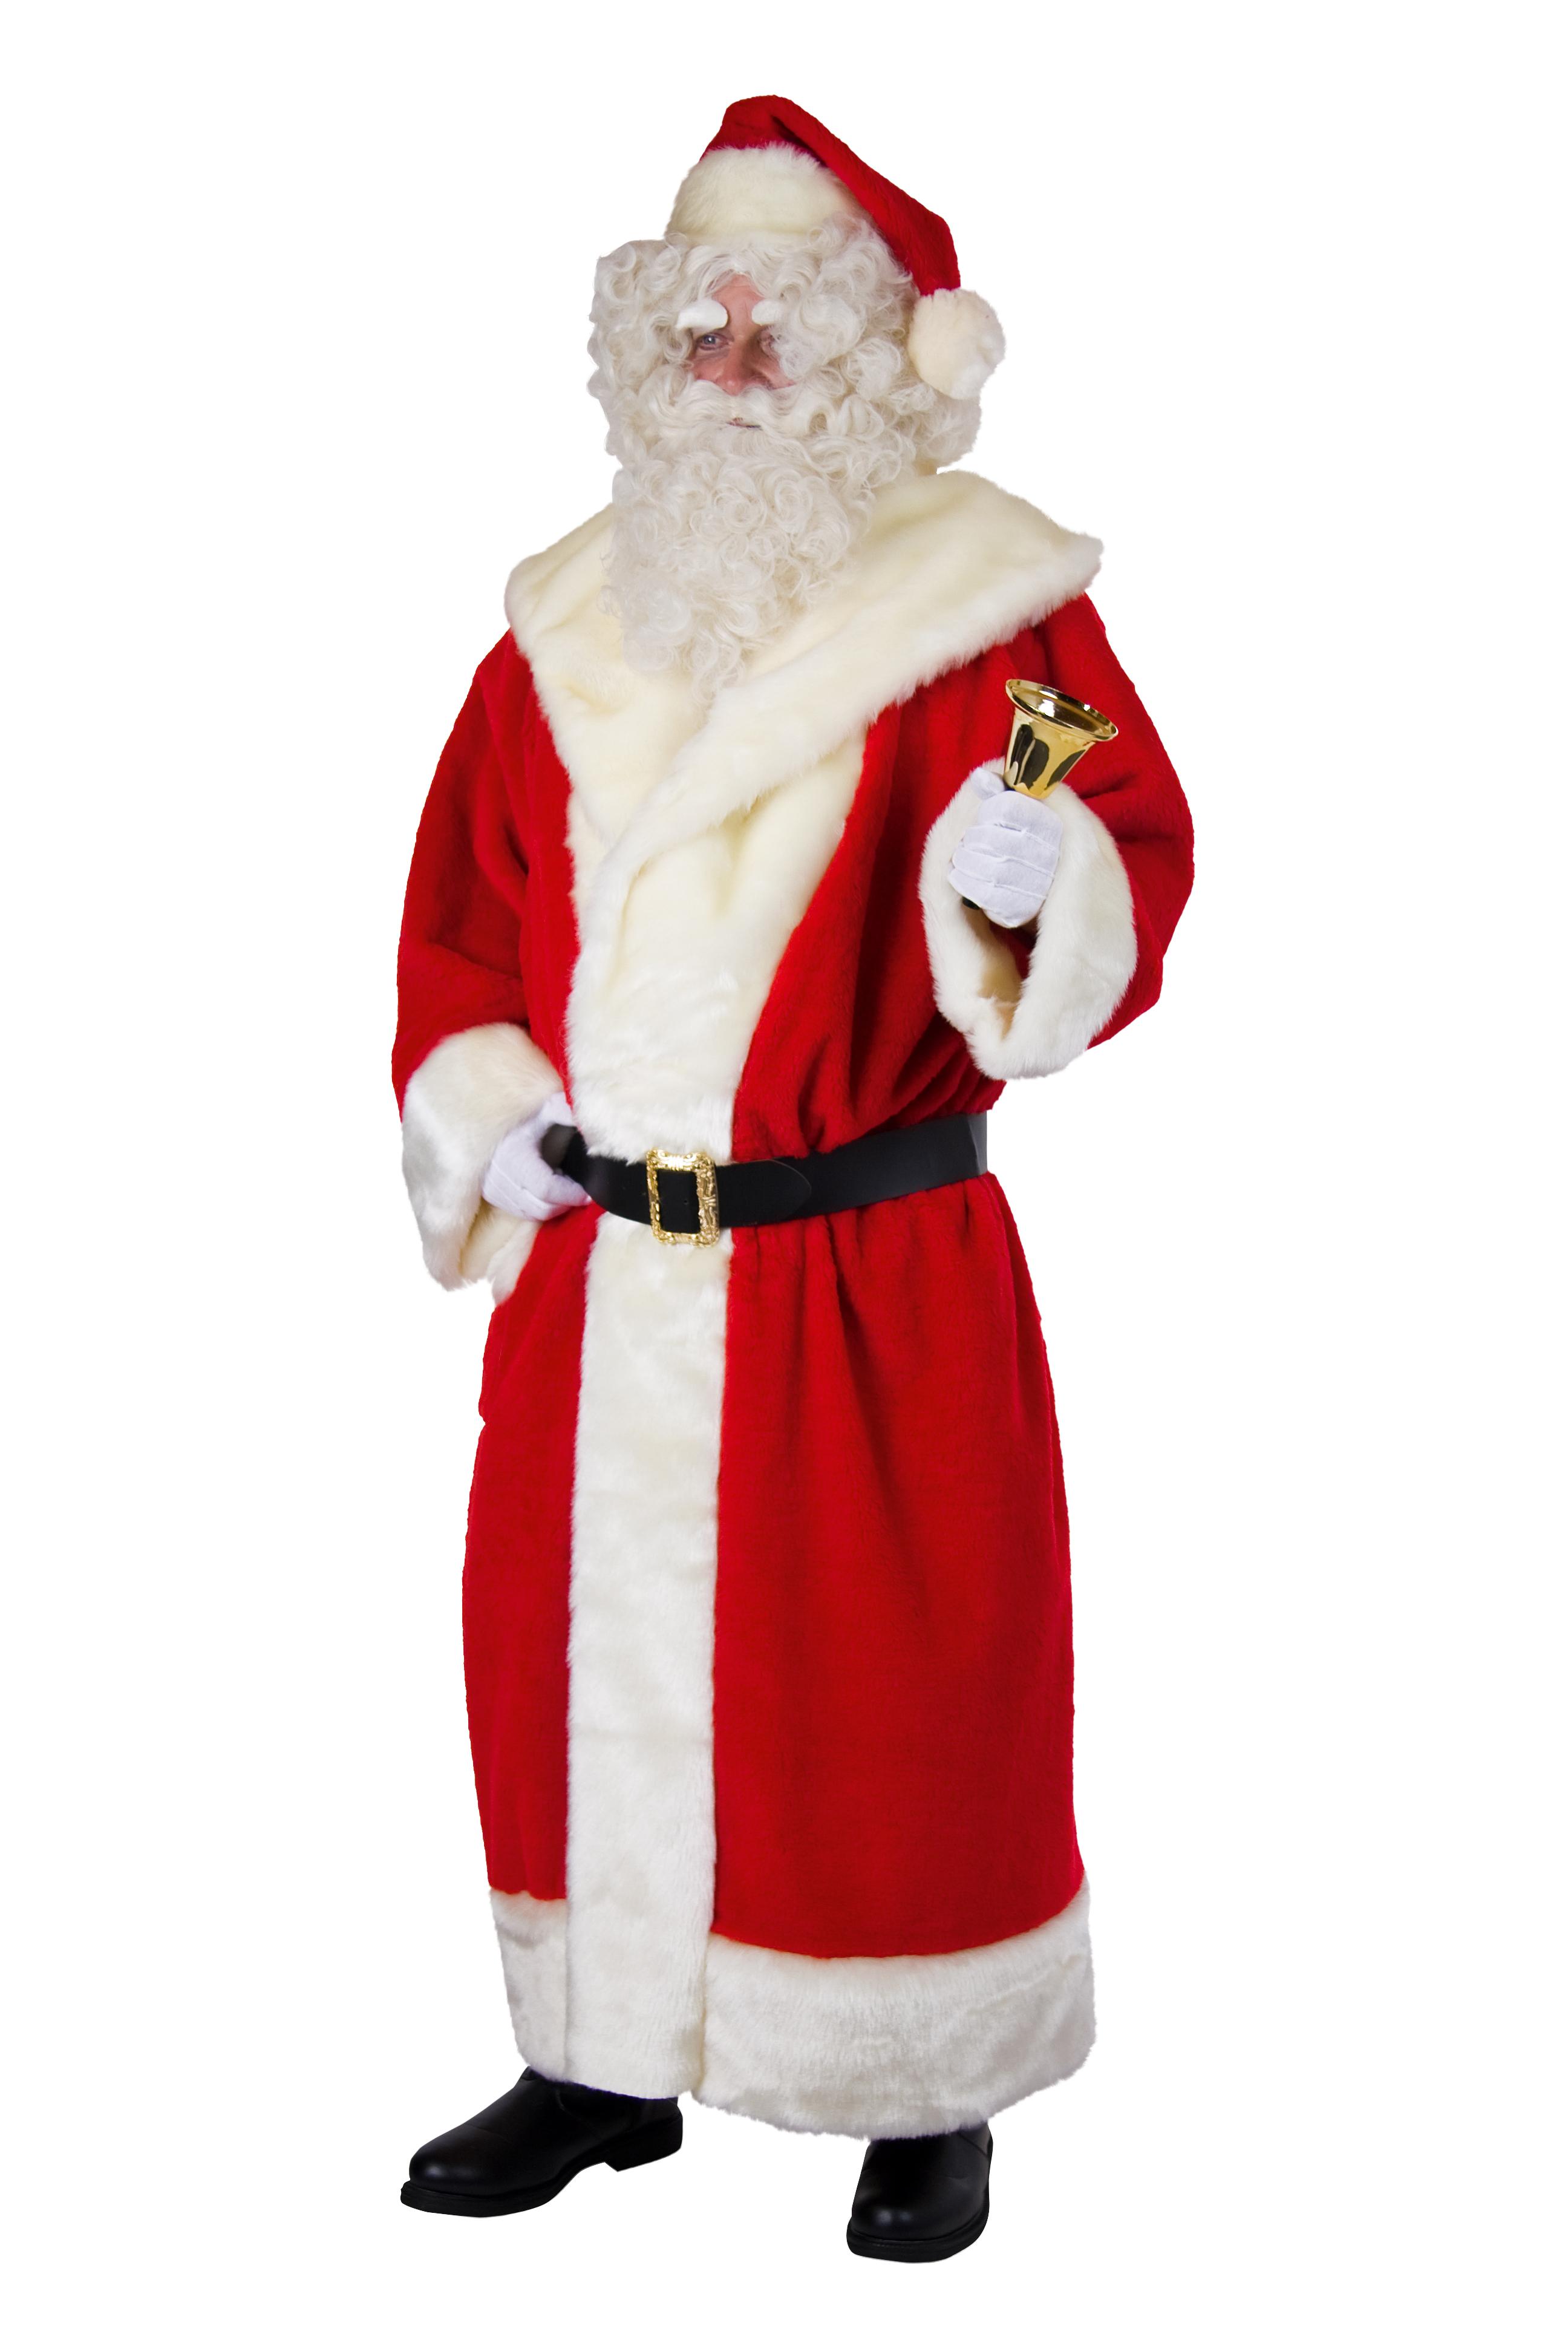 hochwertiger pl schmantel weihnachten weihnachtsmann. Black Bedroom Furniture Sets. Home Design Ideas